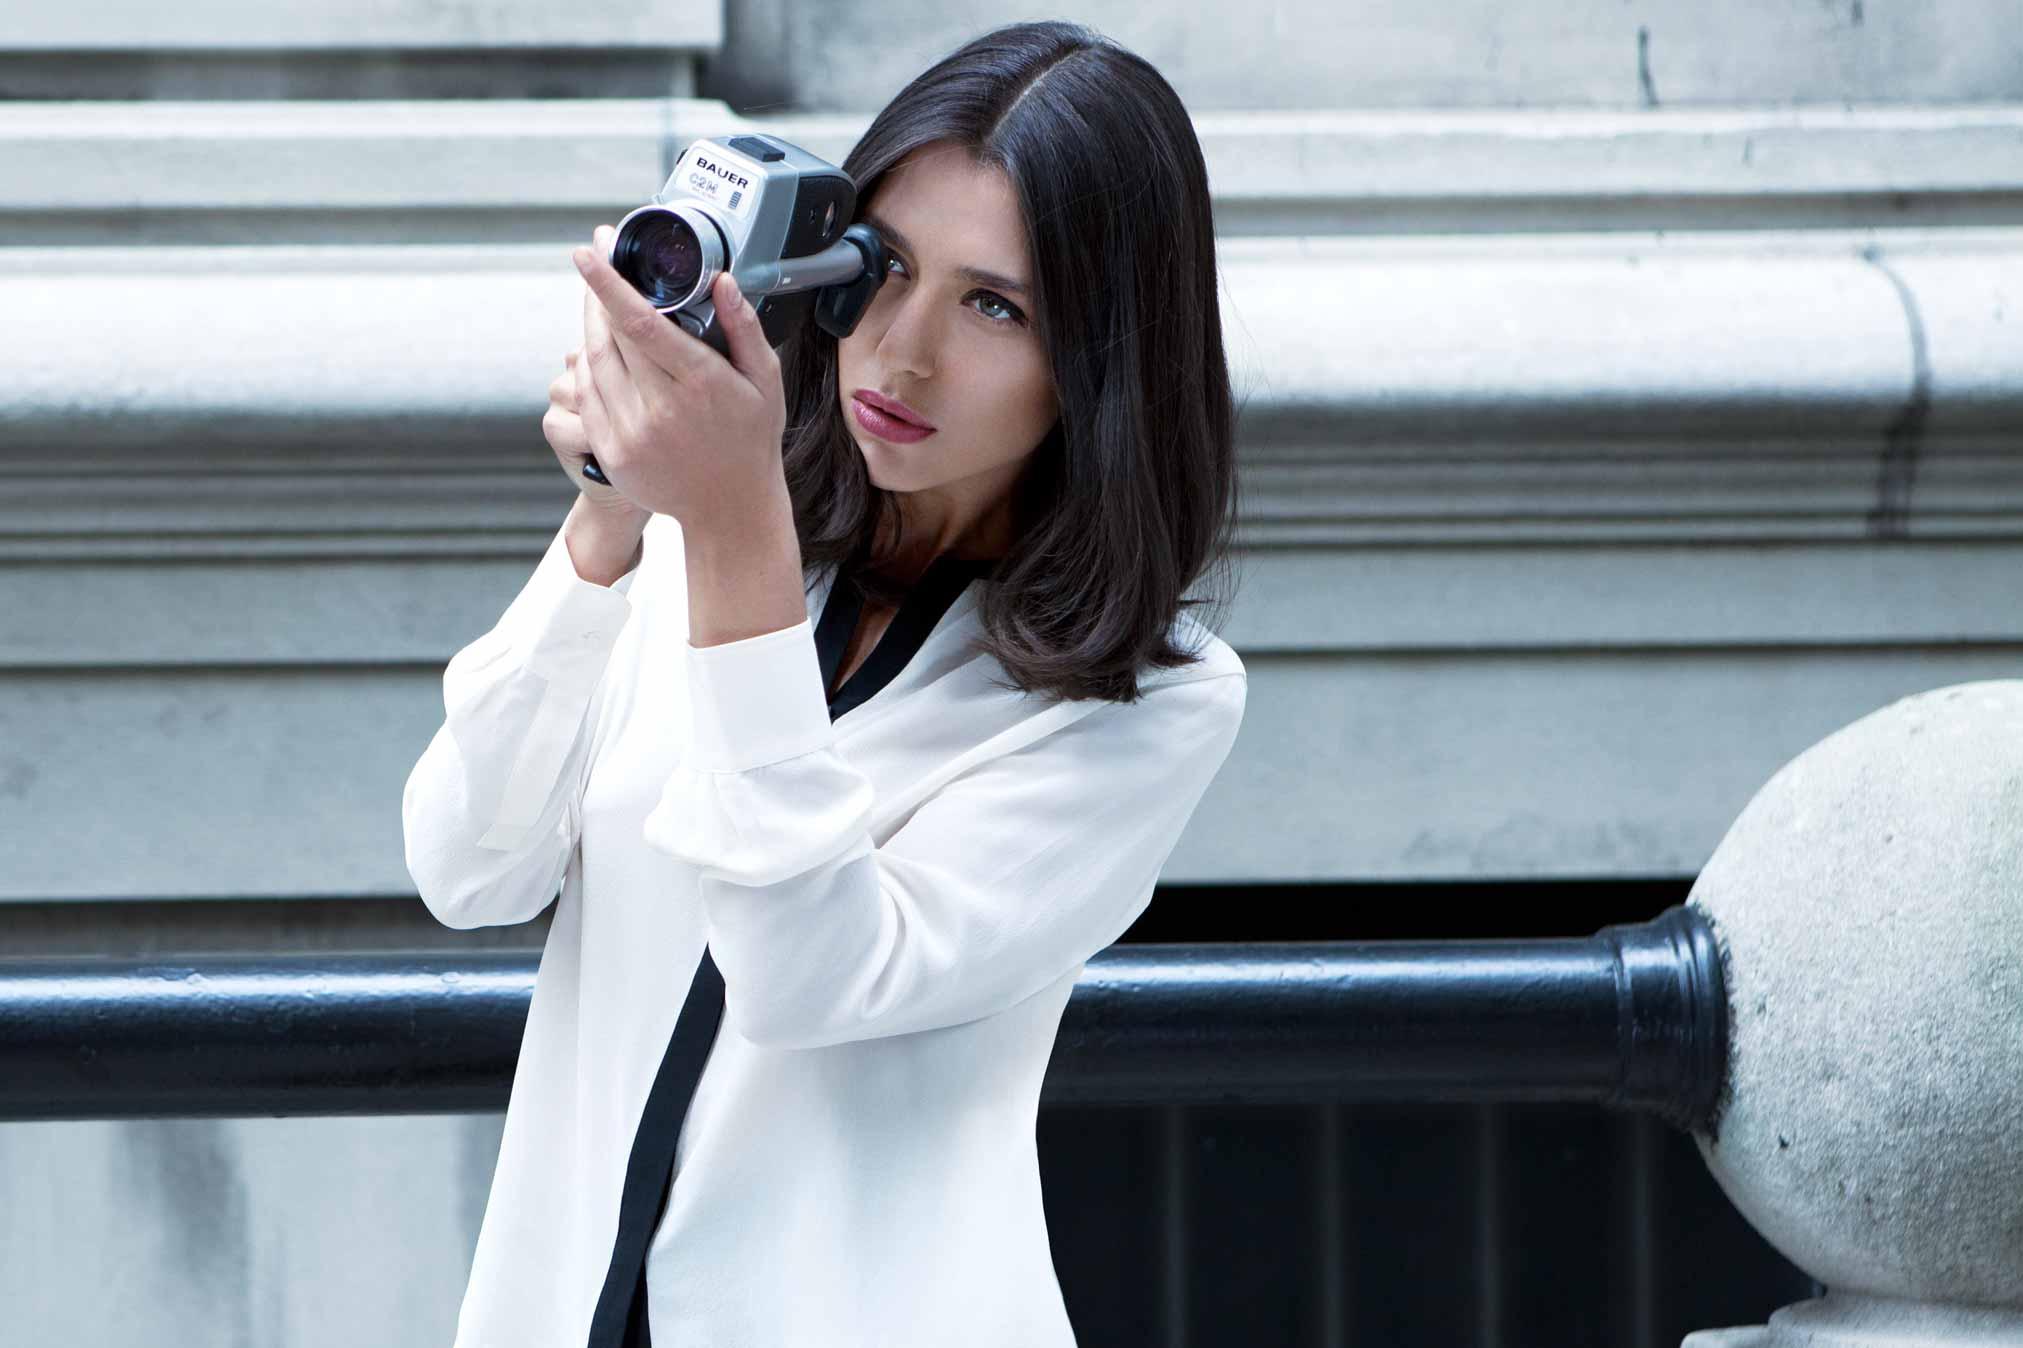 SPY BY SPY / FASHION SHOOT RETOUCHING / PHOTO RICKY KIM